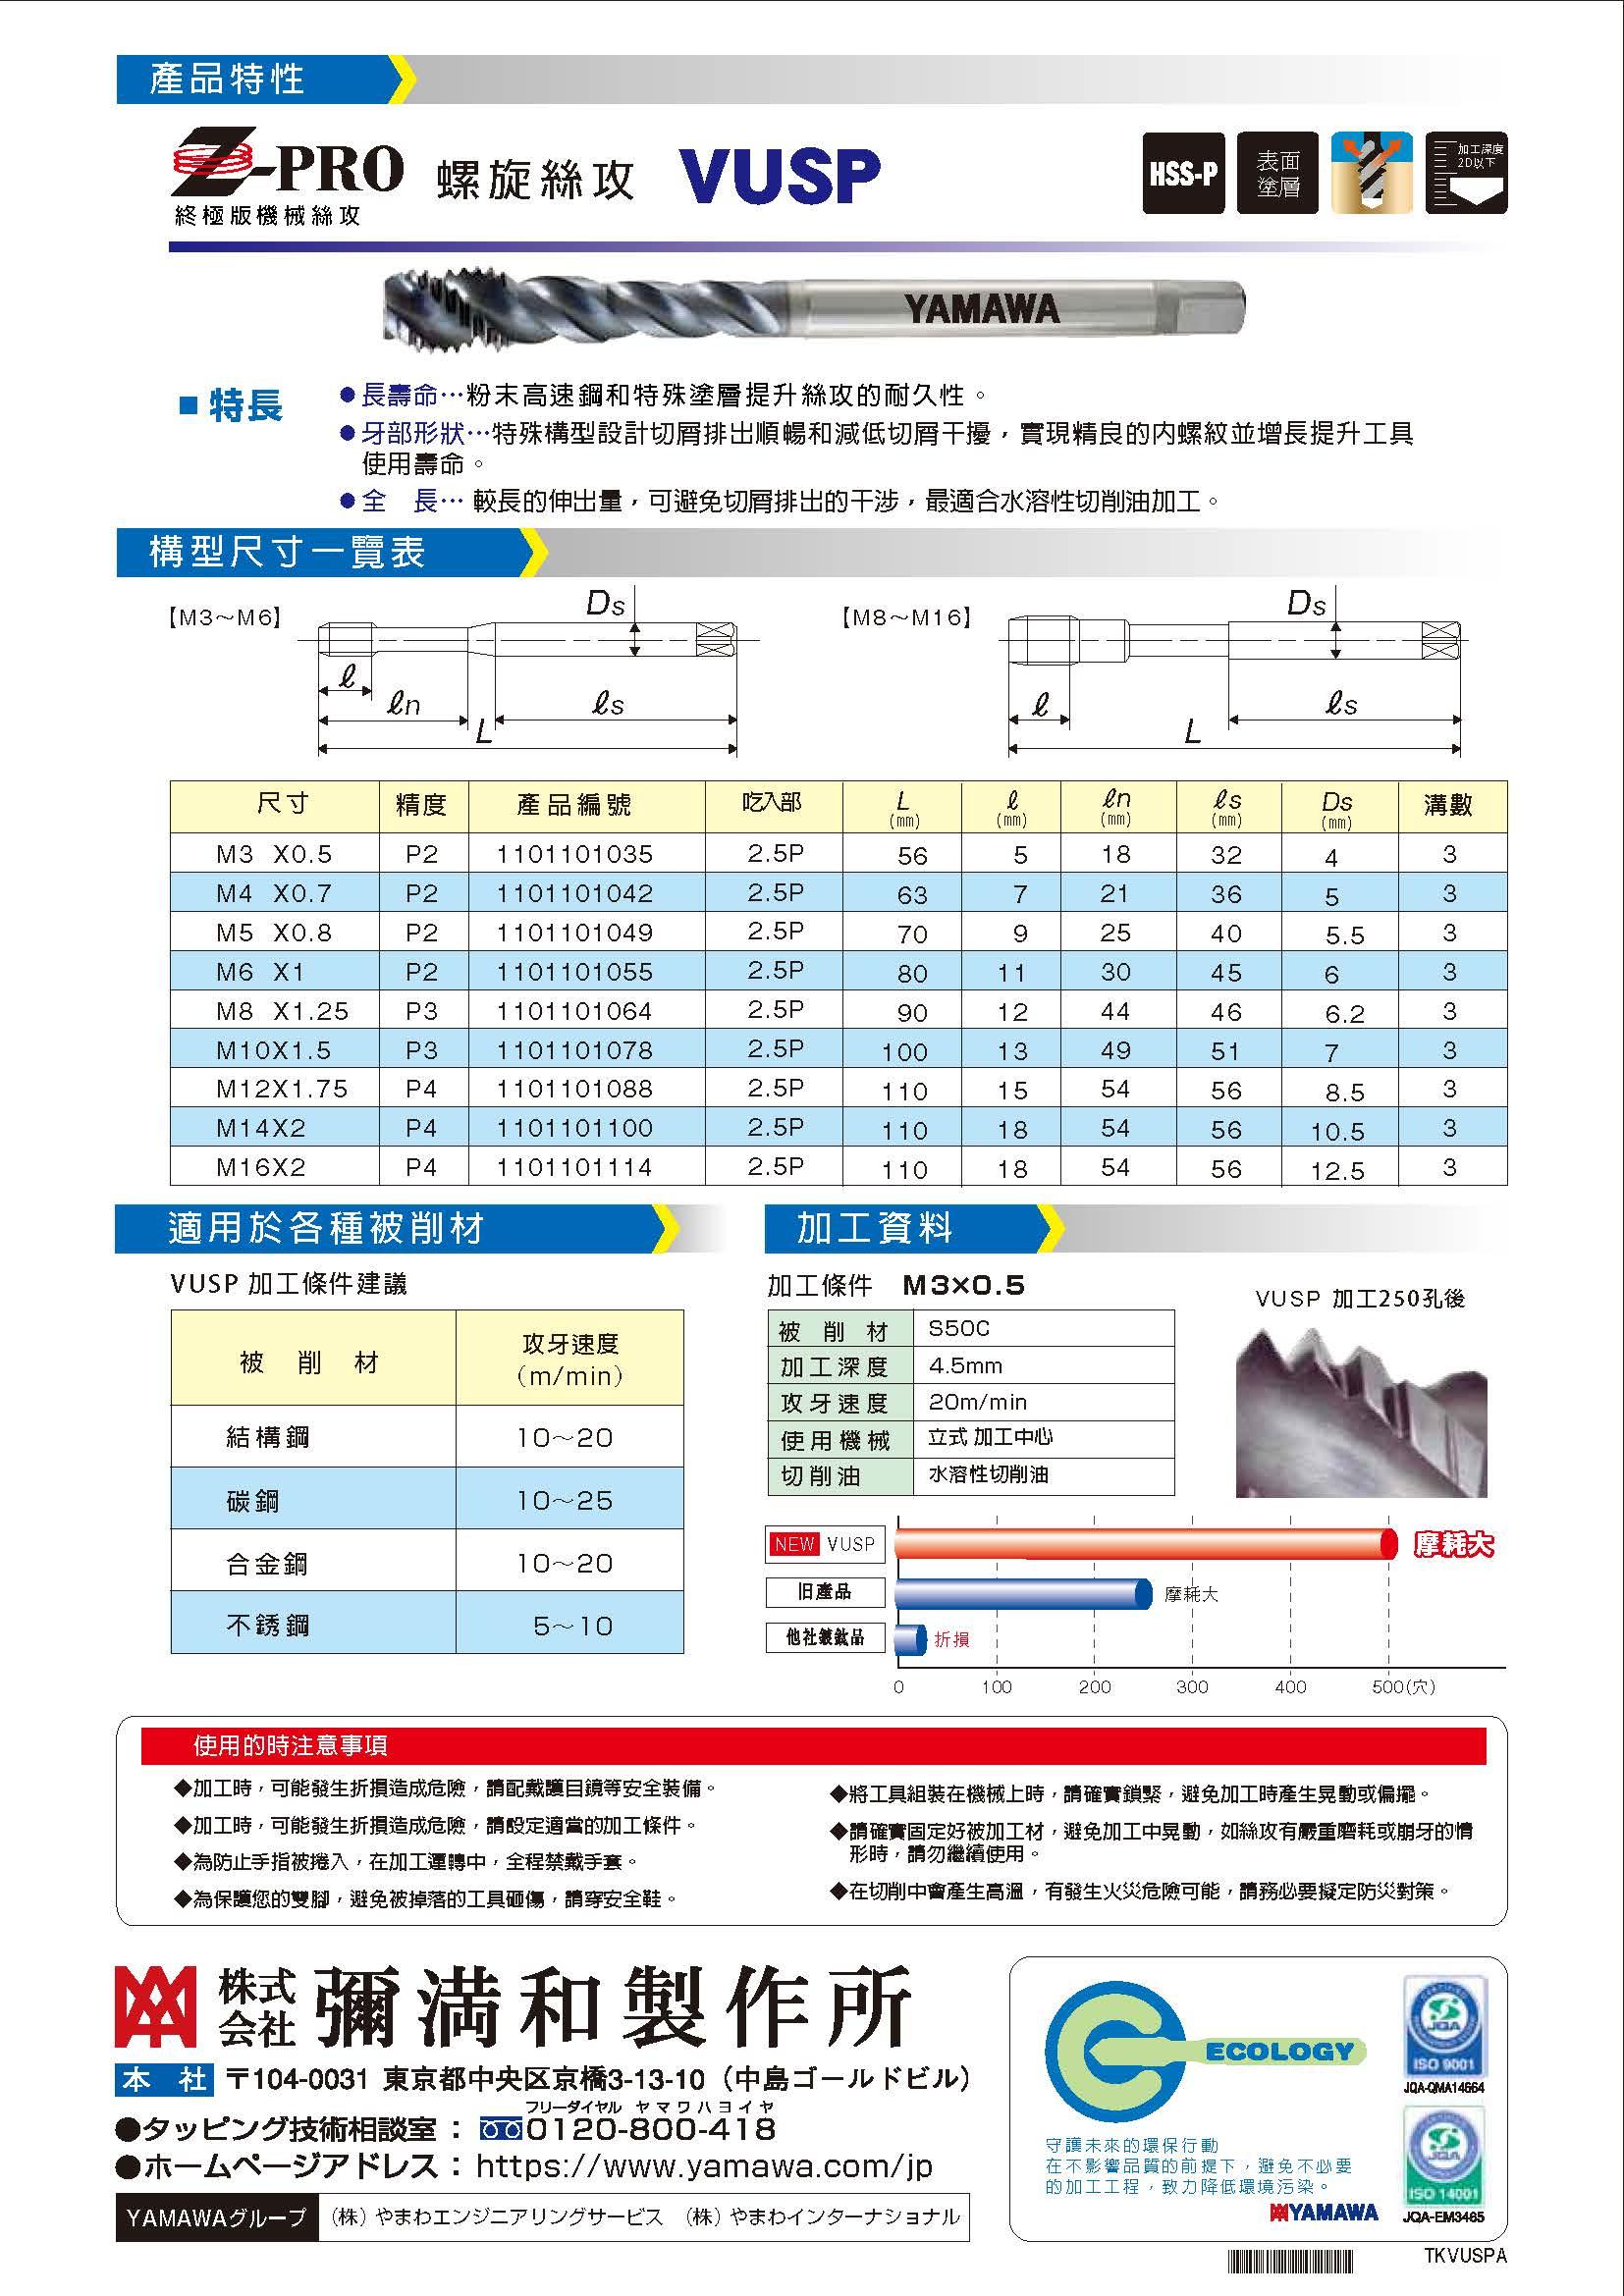 页面提取自--中VUSP-A4-2